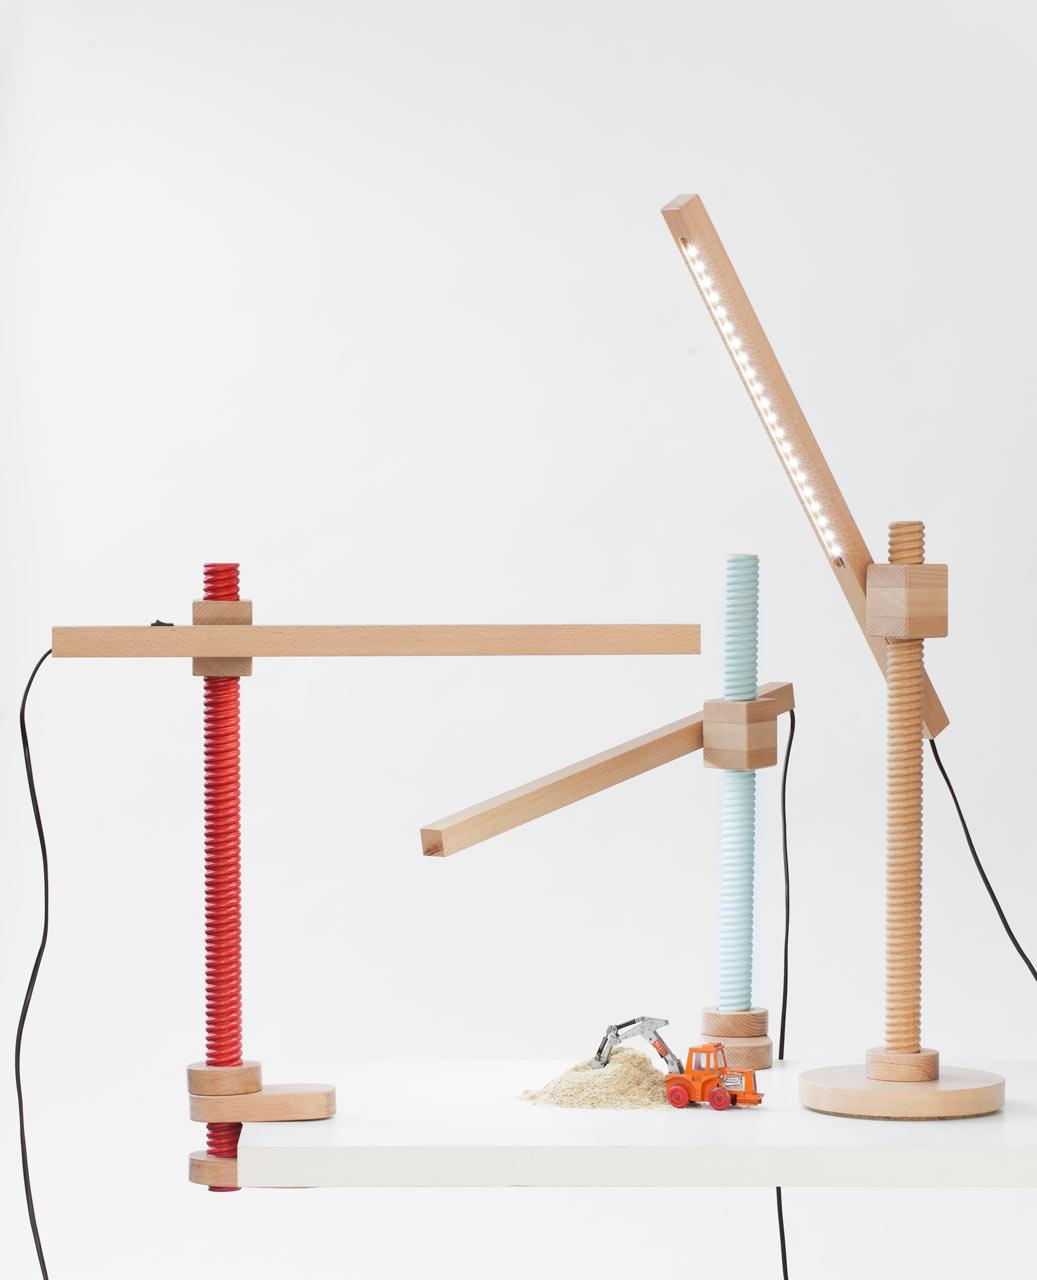 Carlo-Contin-avvitamenti-Furniture-15